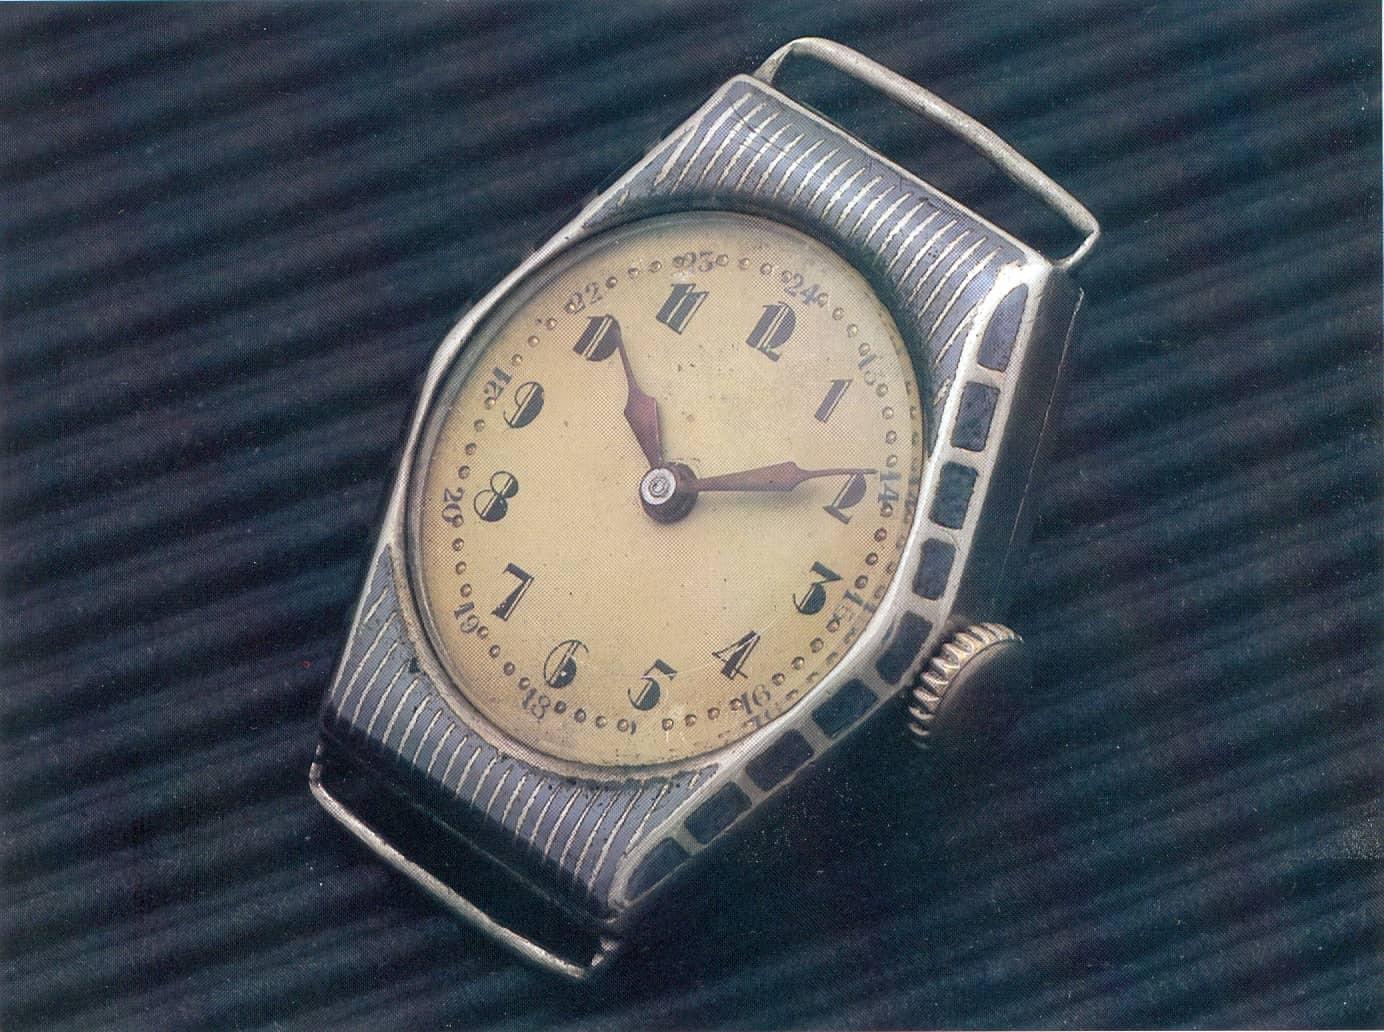 Auch diese anonyme Armbanduhr mit Tulasilber-Gehäuse stammt aus den wilden Zwanzigern und war noch aus Silber